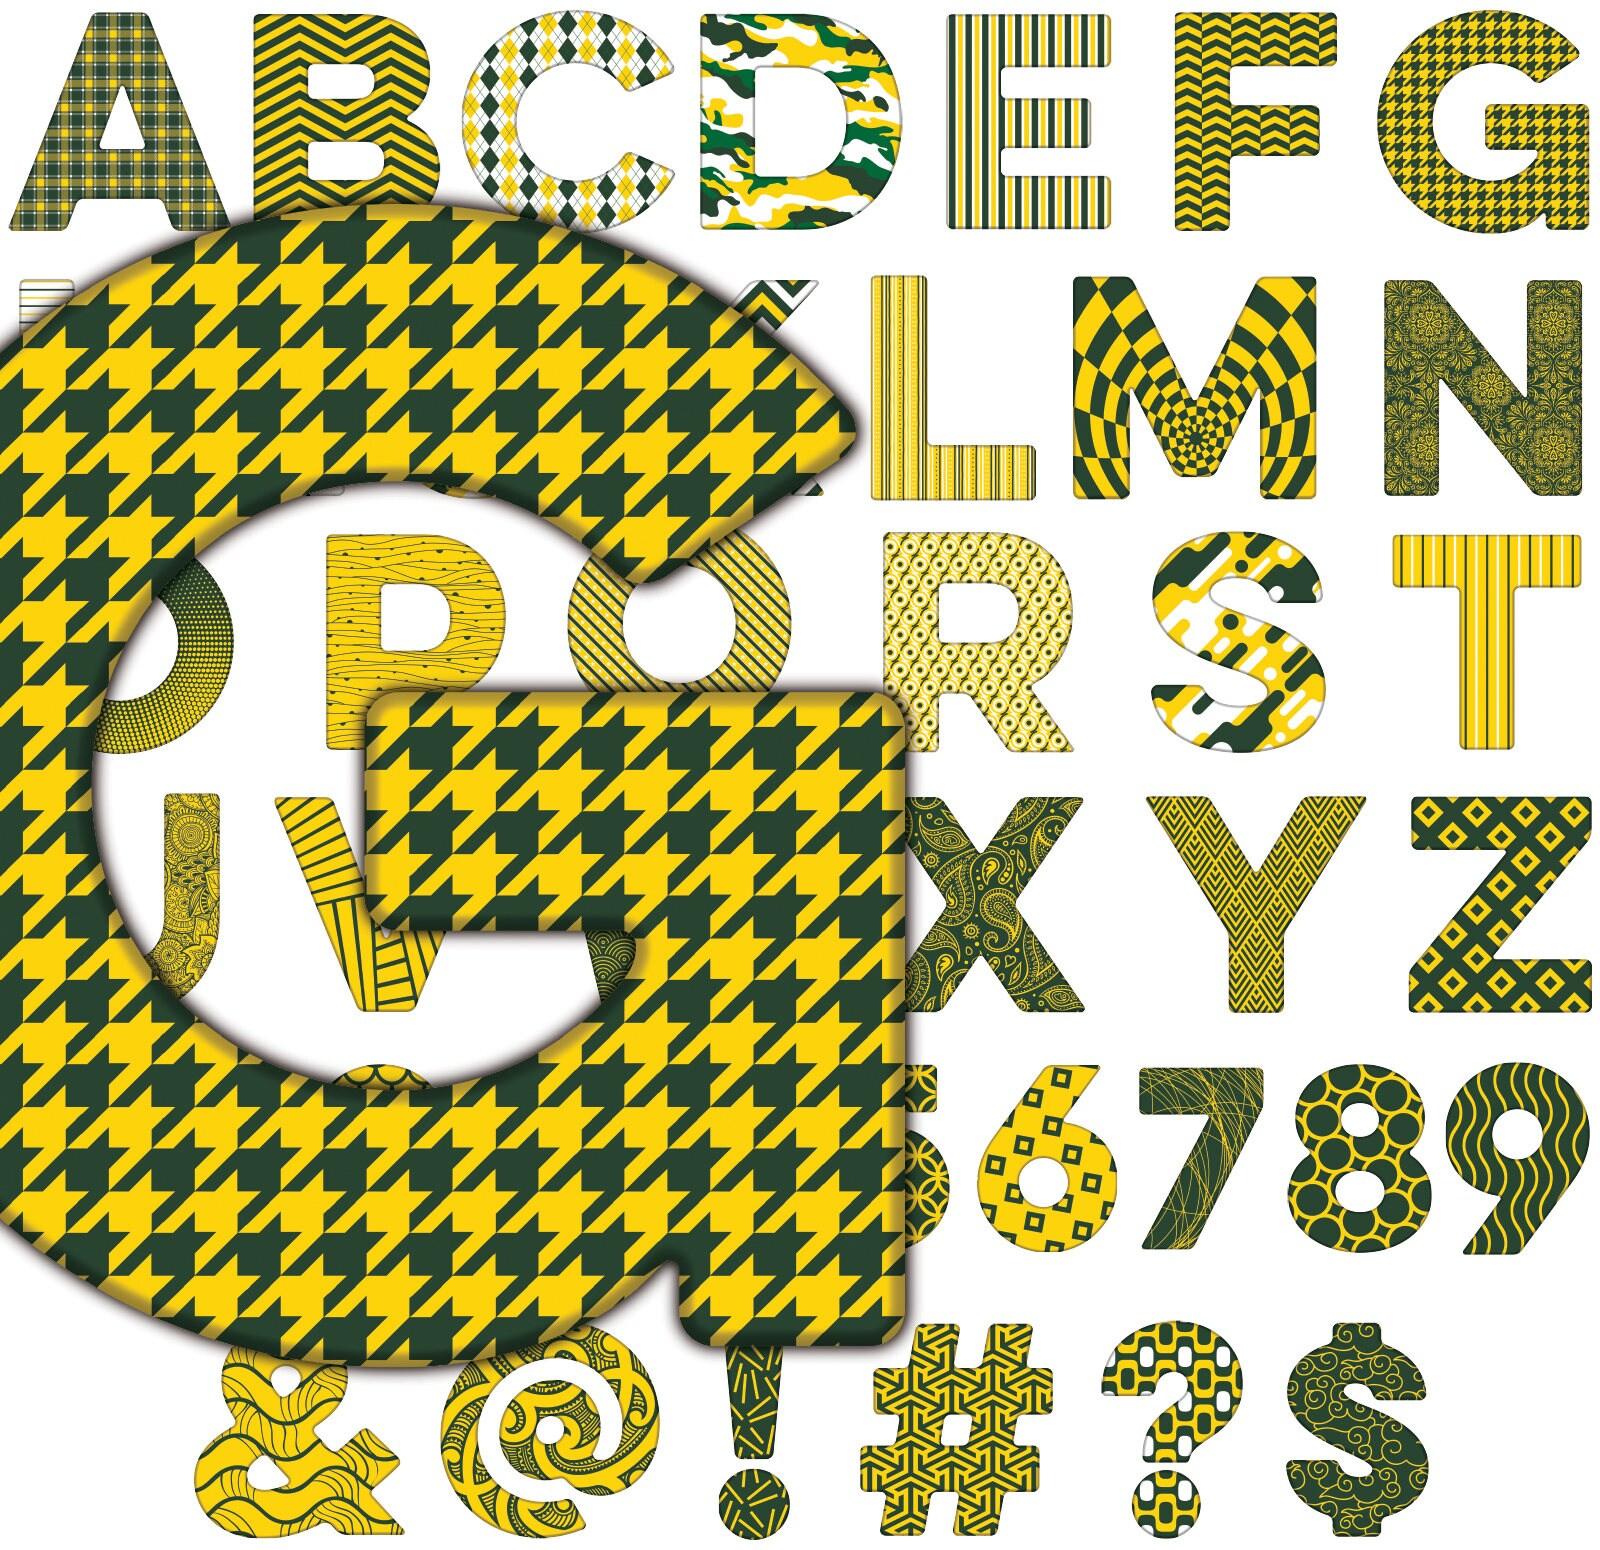 Green Bay Packers alfabeto letras números símbolos | Etsy